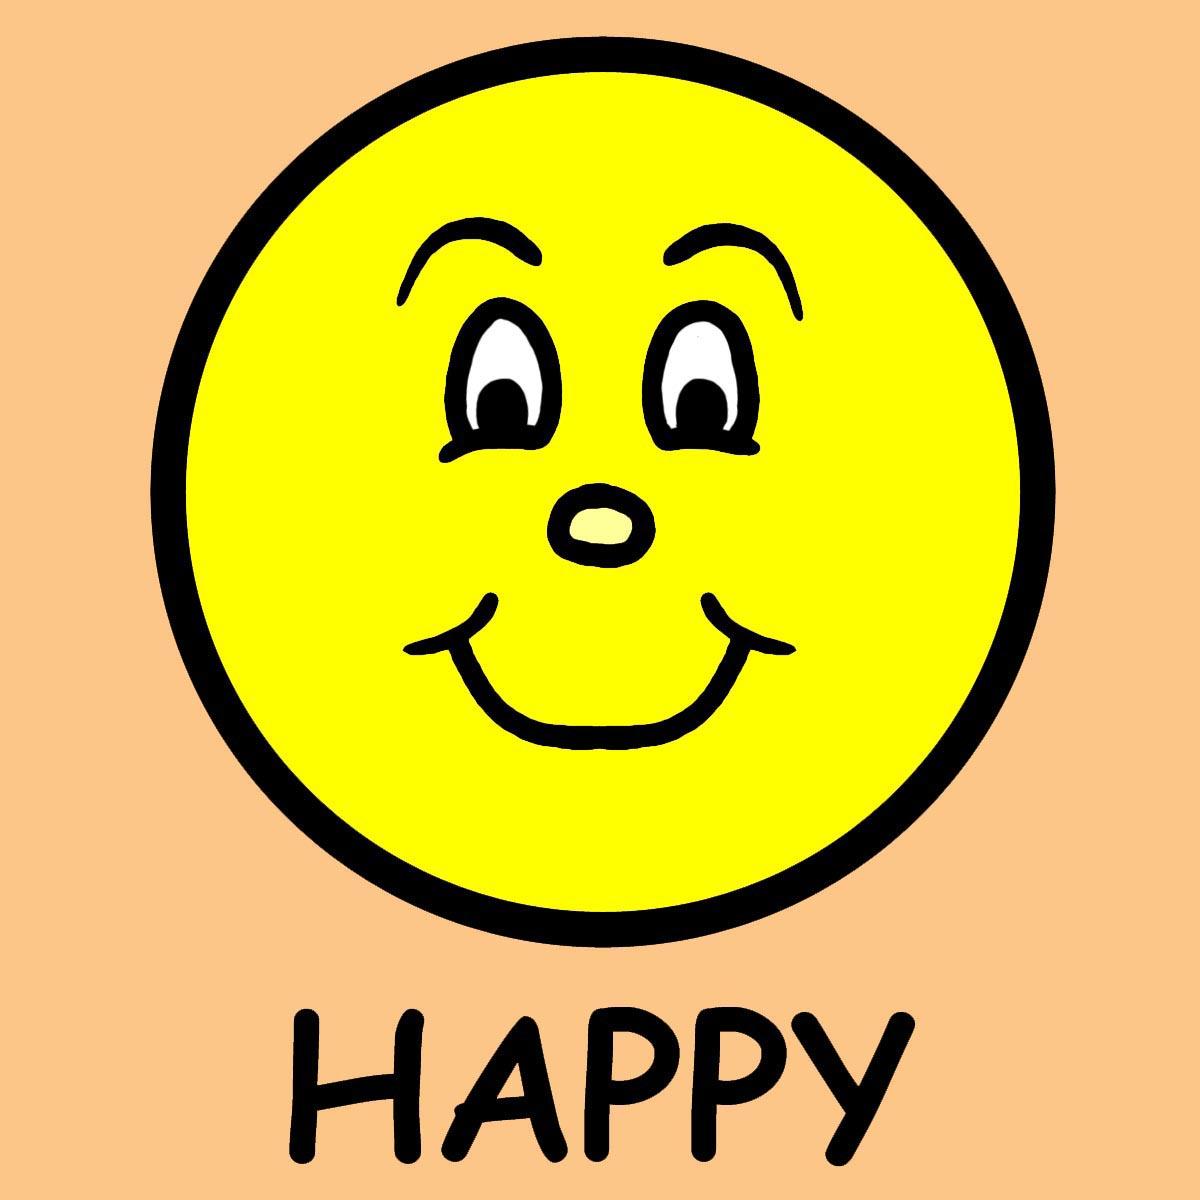 Happy And Sad Faces Clip Art Gclipart Com